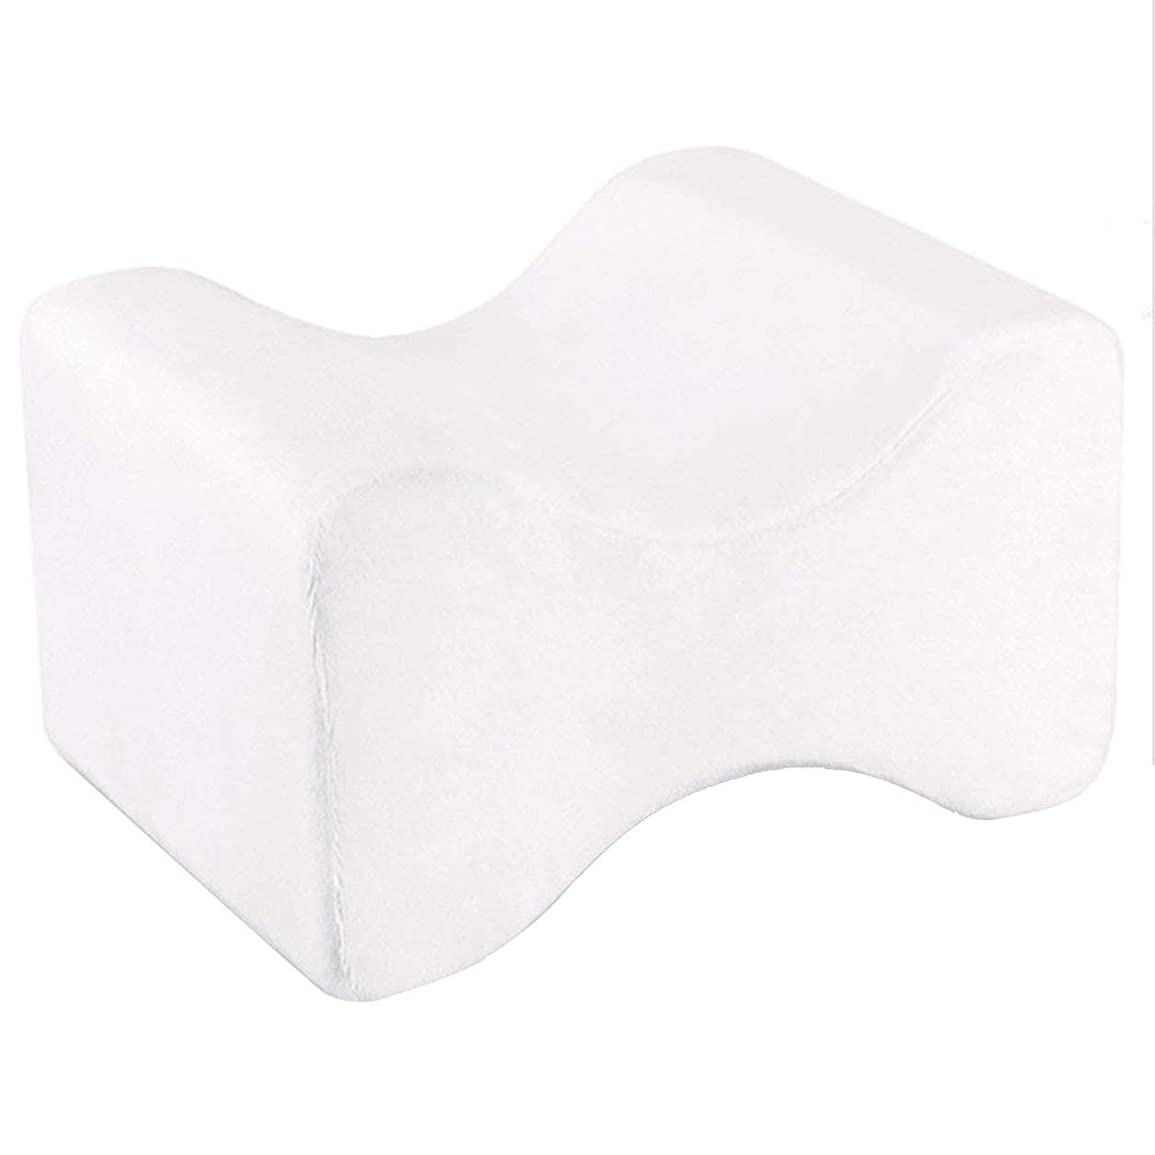 作業名前を作る経営者ソフト枕膝枕クリップ足低反発ウェッジ遅いリバウンドメモリコットンクランプマッサージ枕男性女性、ホワイト